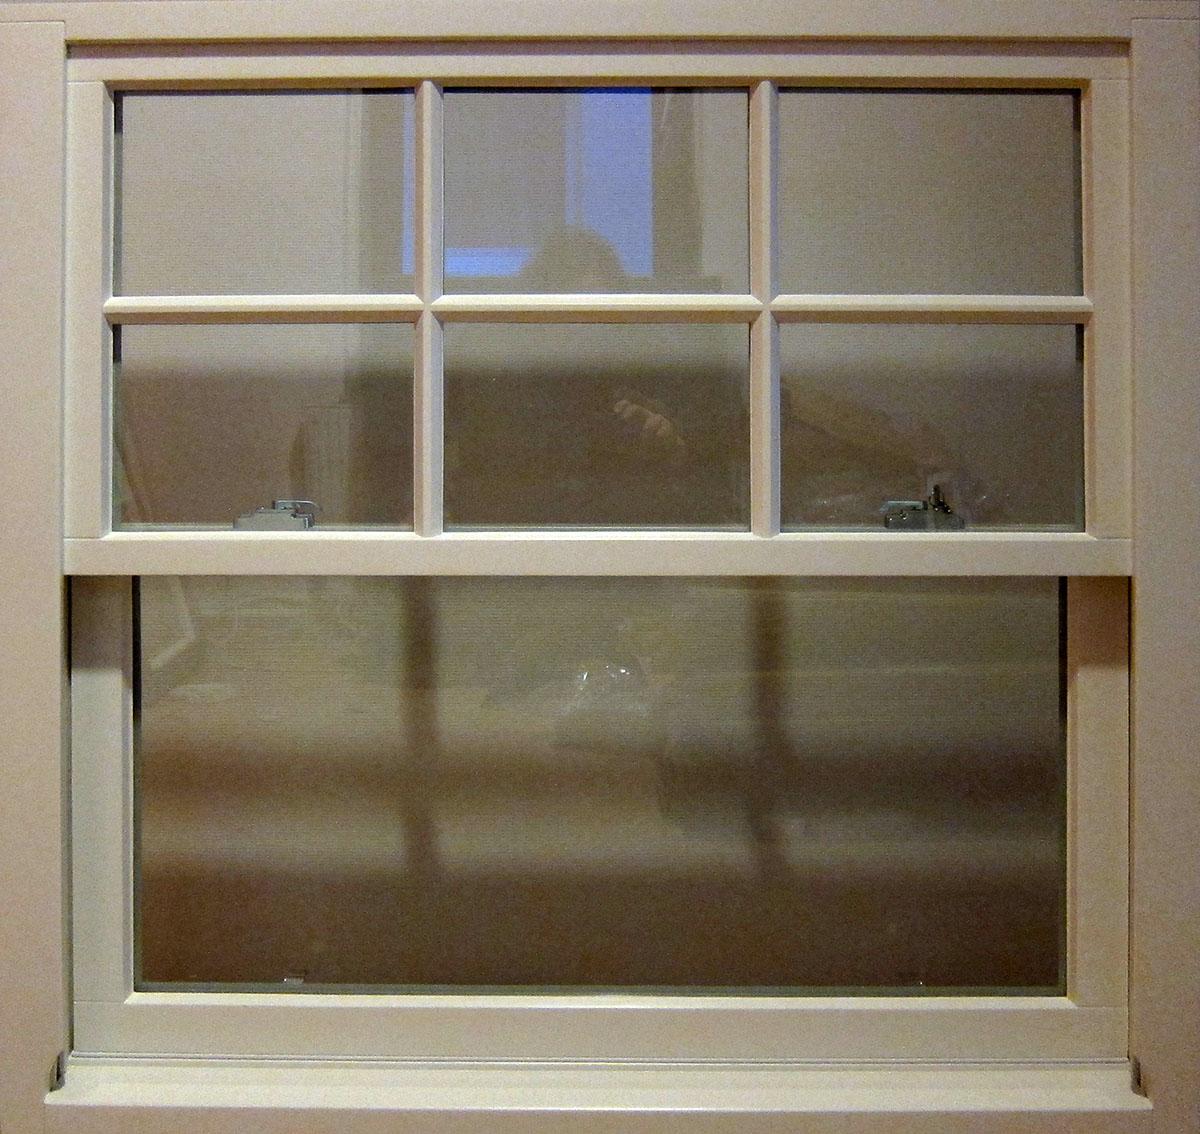 Englische vertikal schiebefenster - Schiebefenster selber bauen ...